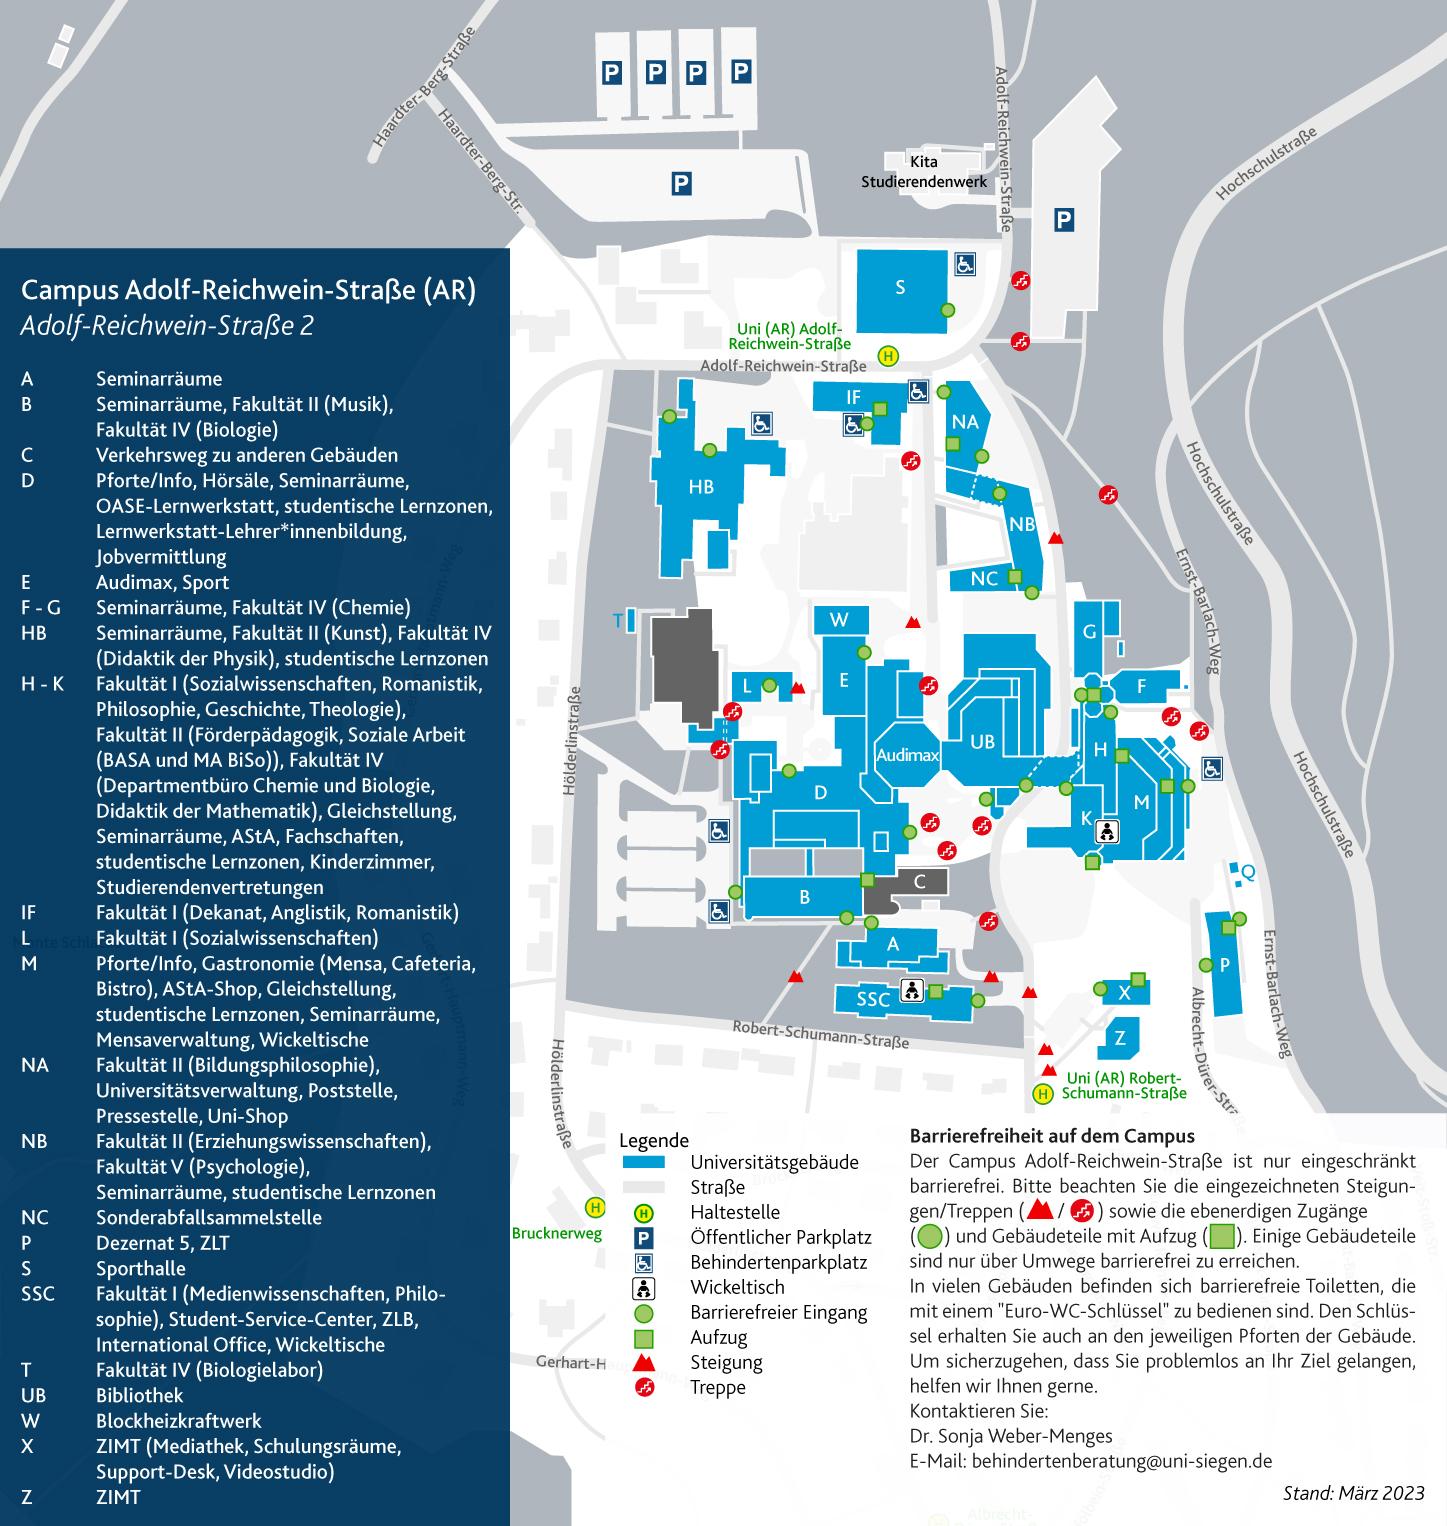 Campus Adolf-Reichwein-Straße (AR) | Universität Siegen